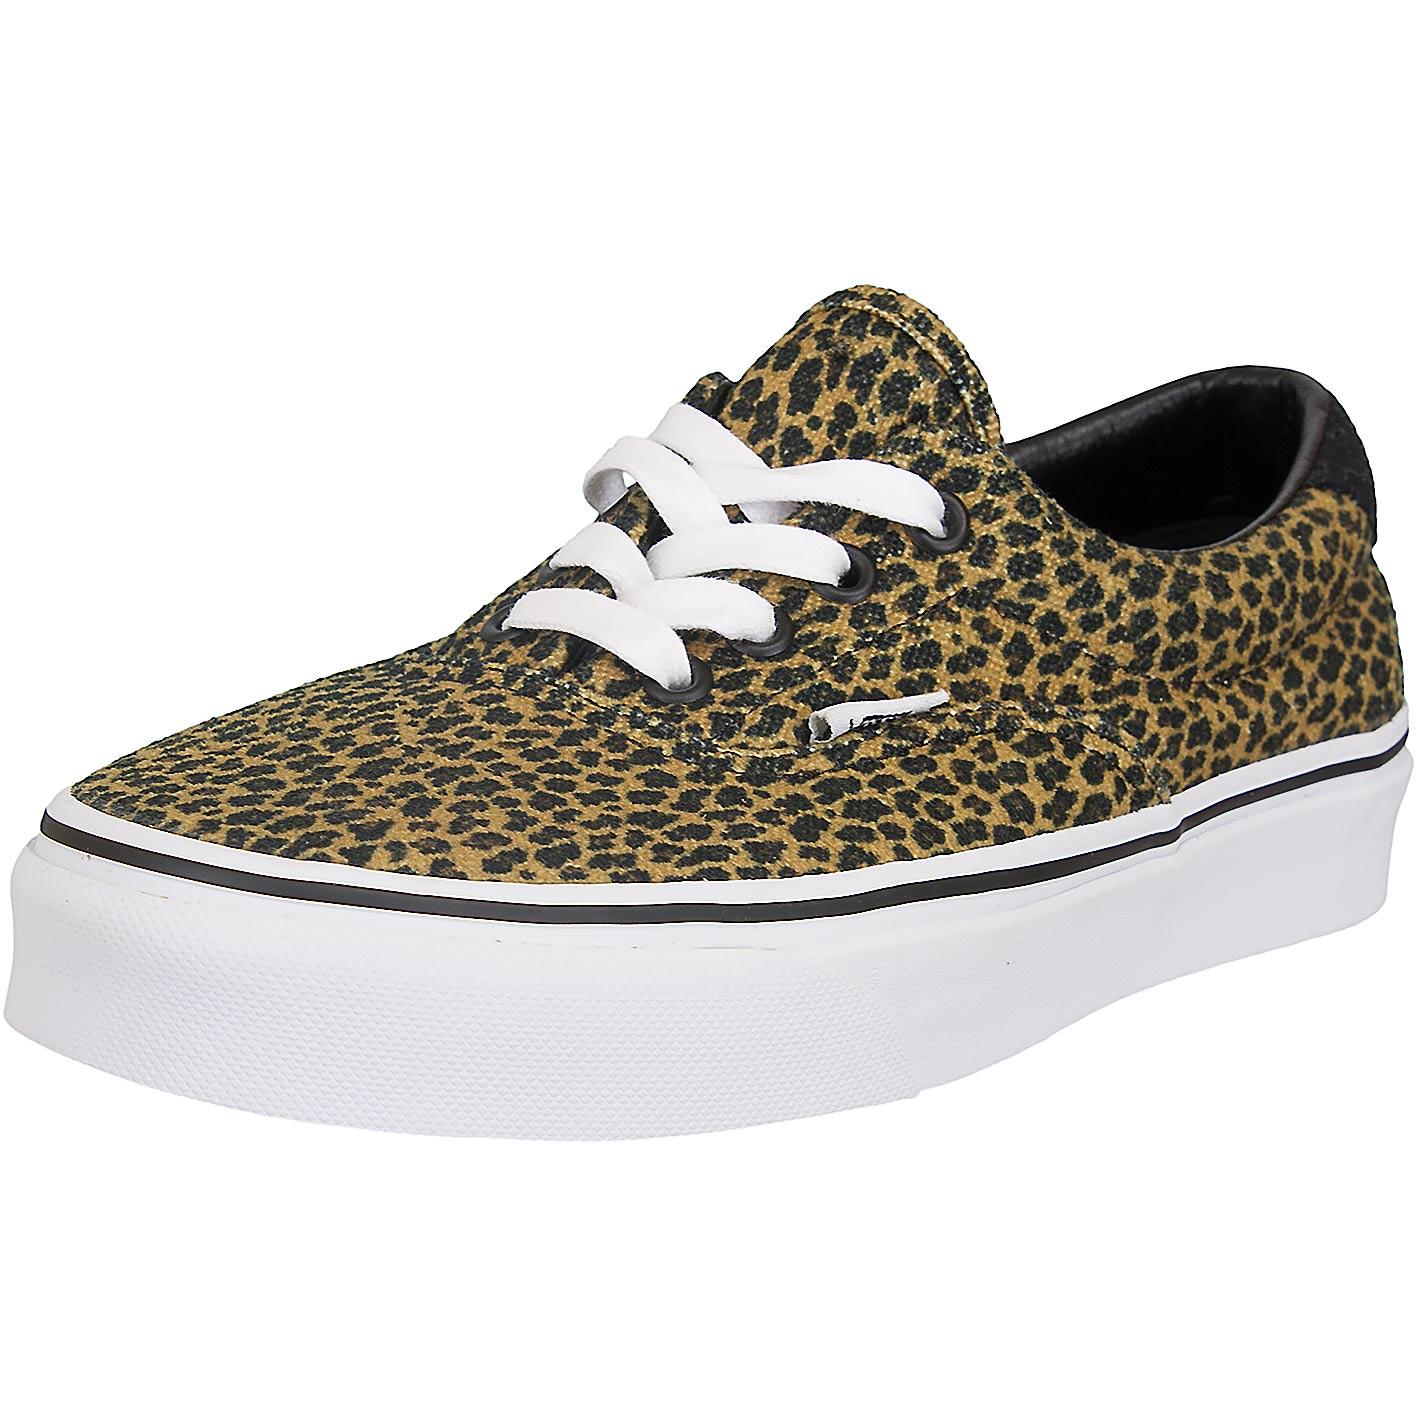 reputable site ced2f 16b57 ☆ Vans Damen-Sneaker Era 59 (Mini Leopard) braun/weiß ...